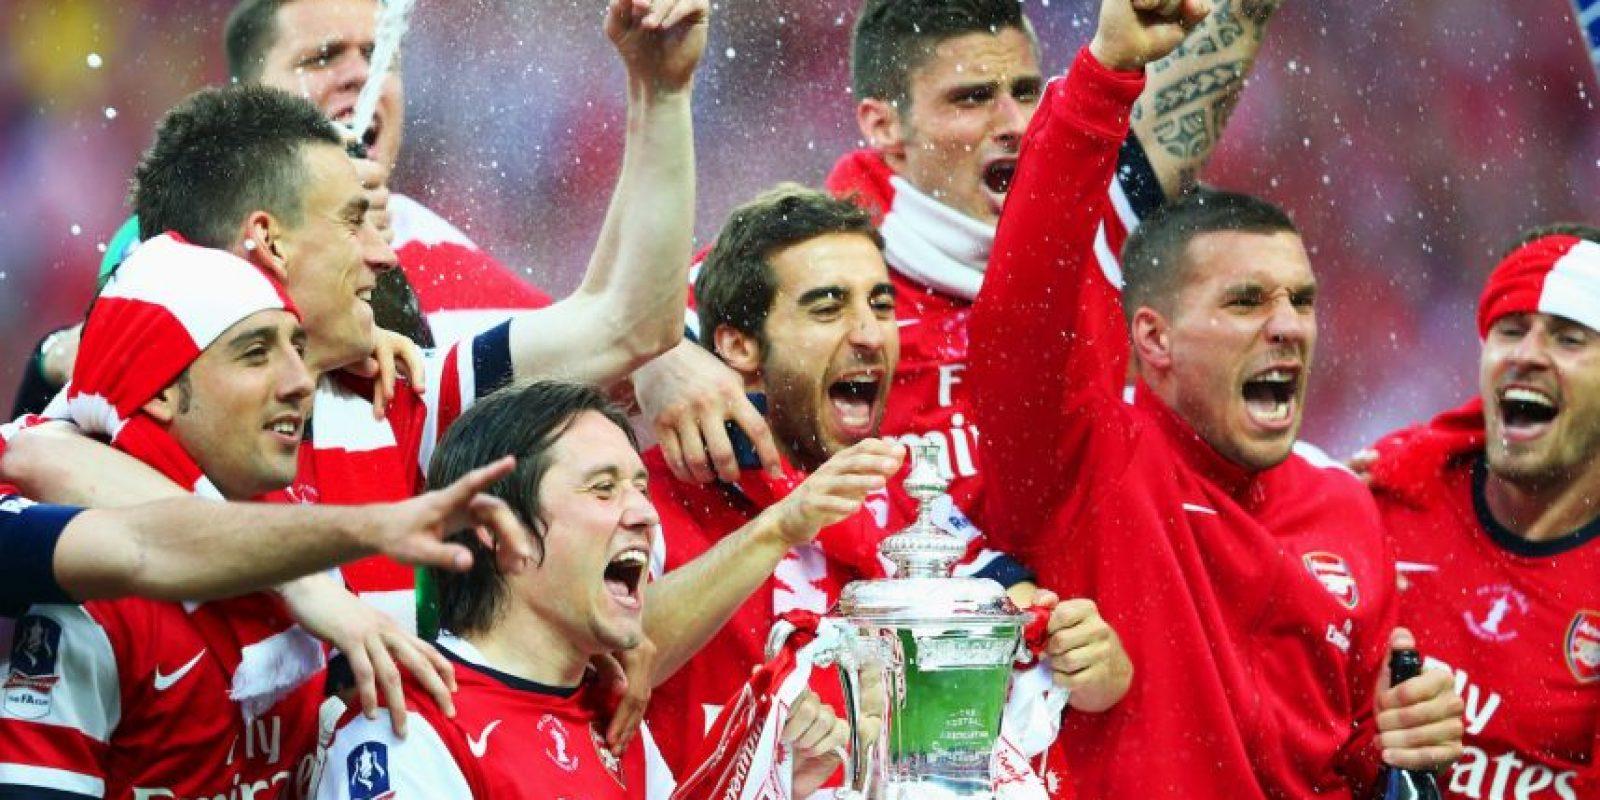 Arsene Wenger, entrenador del Arsenal, tiene contrato vigente con el club londinense hasta 2017. Foto:Getty Images